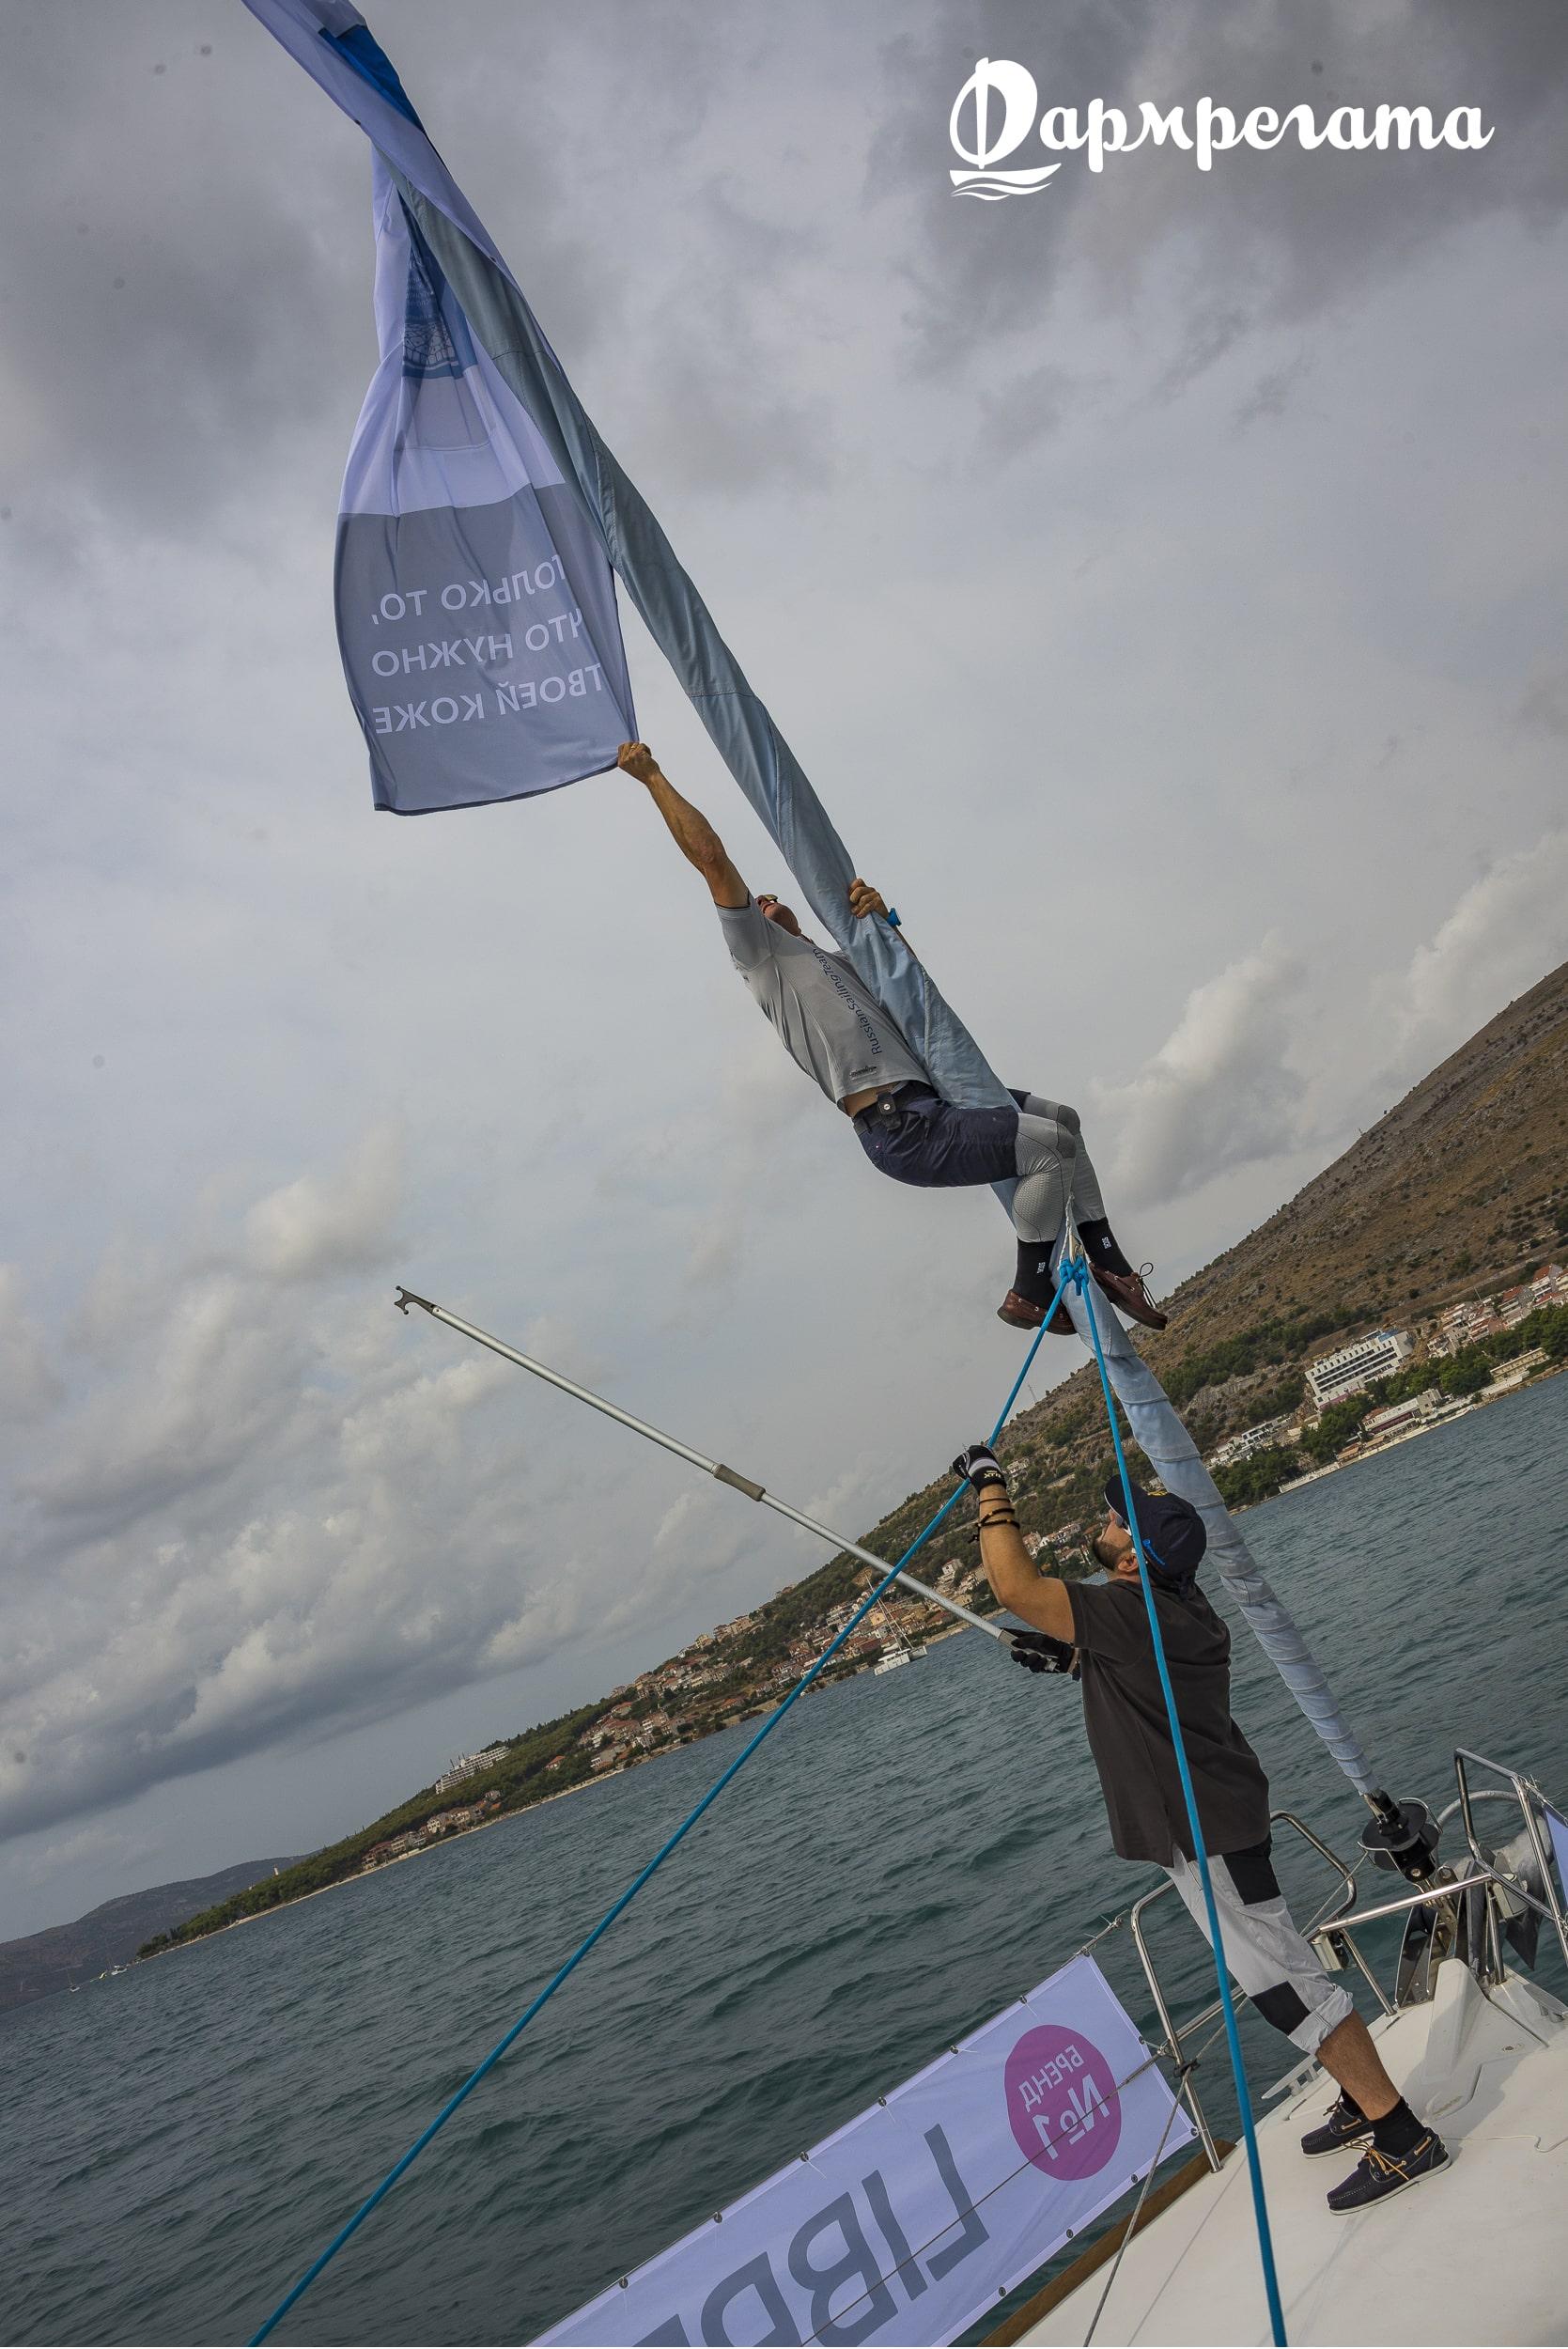 На яхте, запутался флаг - ДСМ групп Фармрегата 2017 - DSM Group Pharmregata 2017